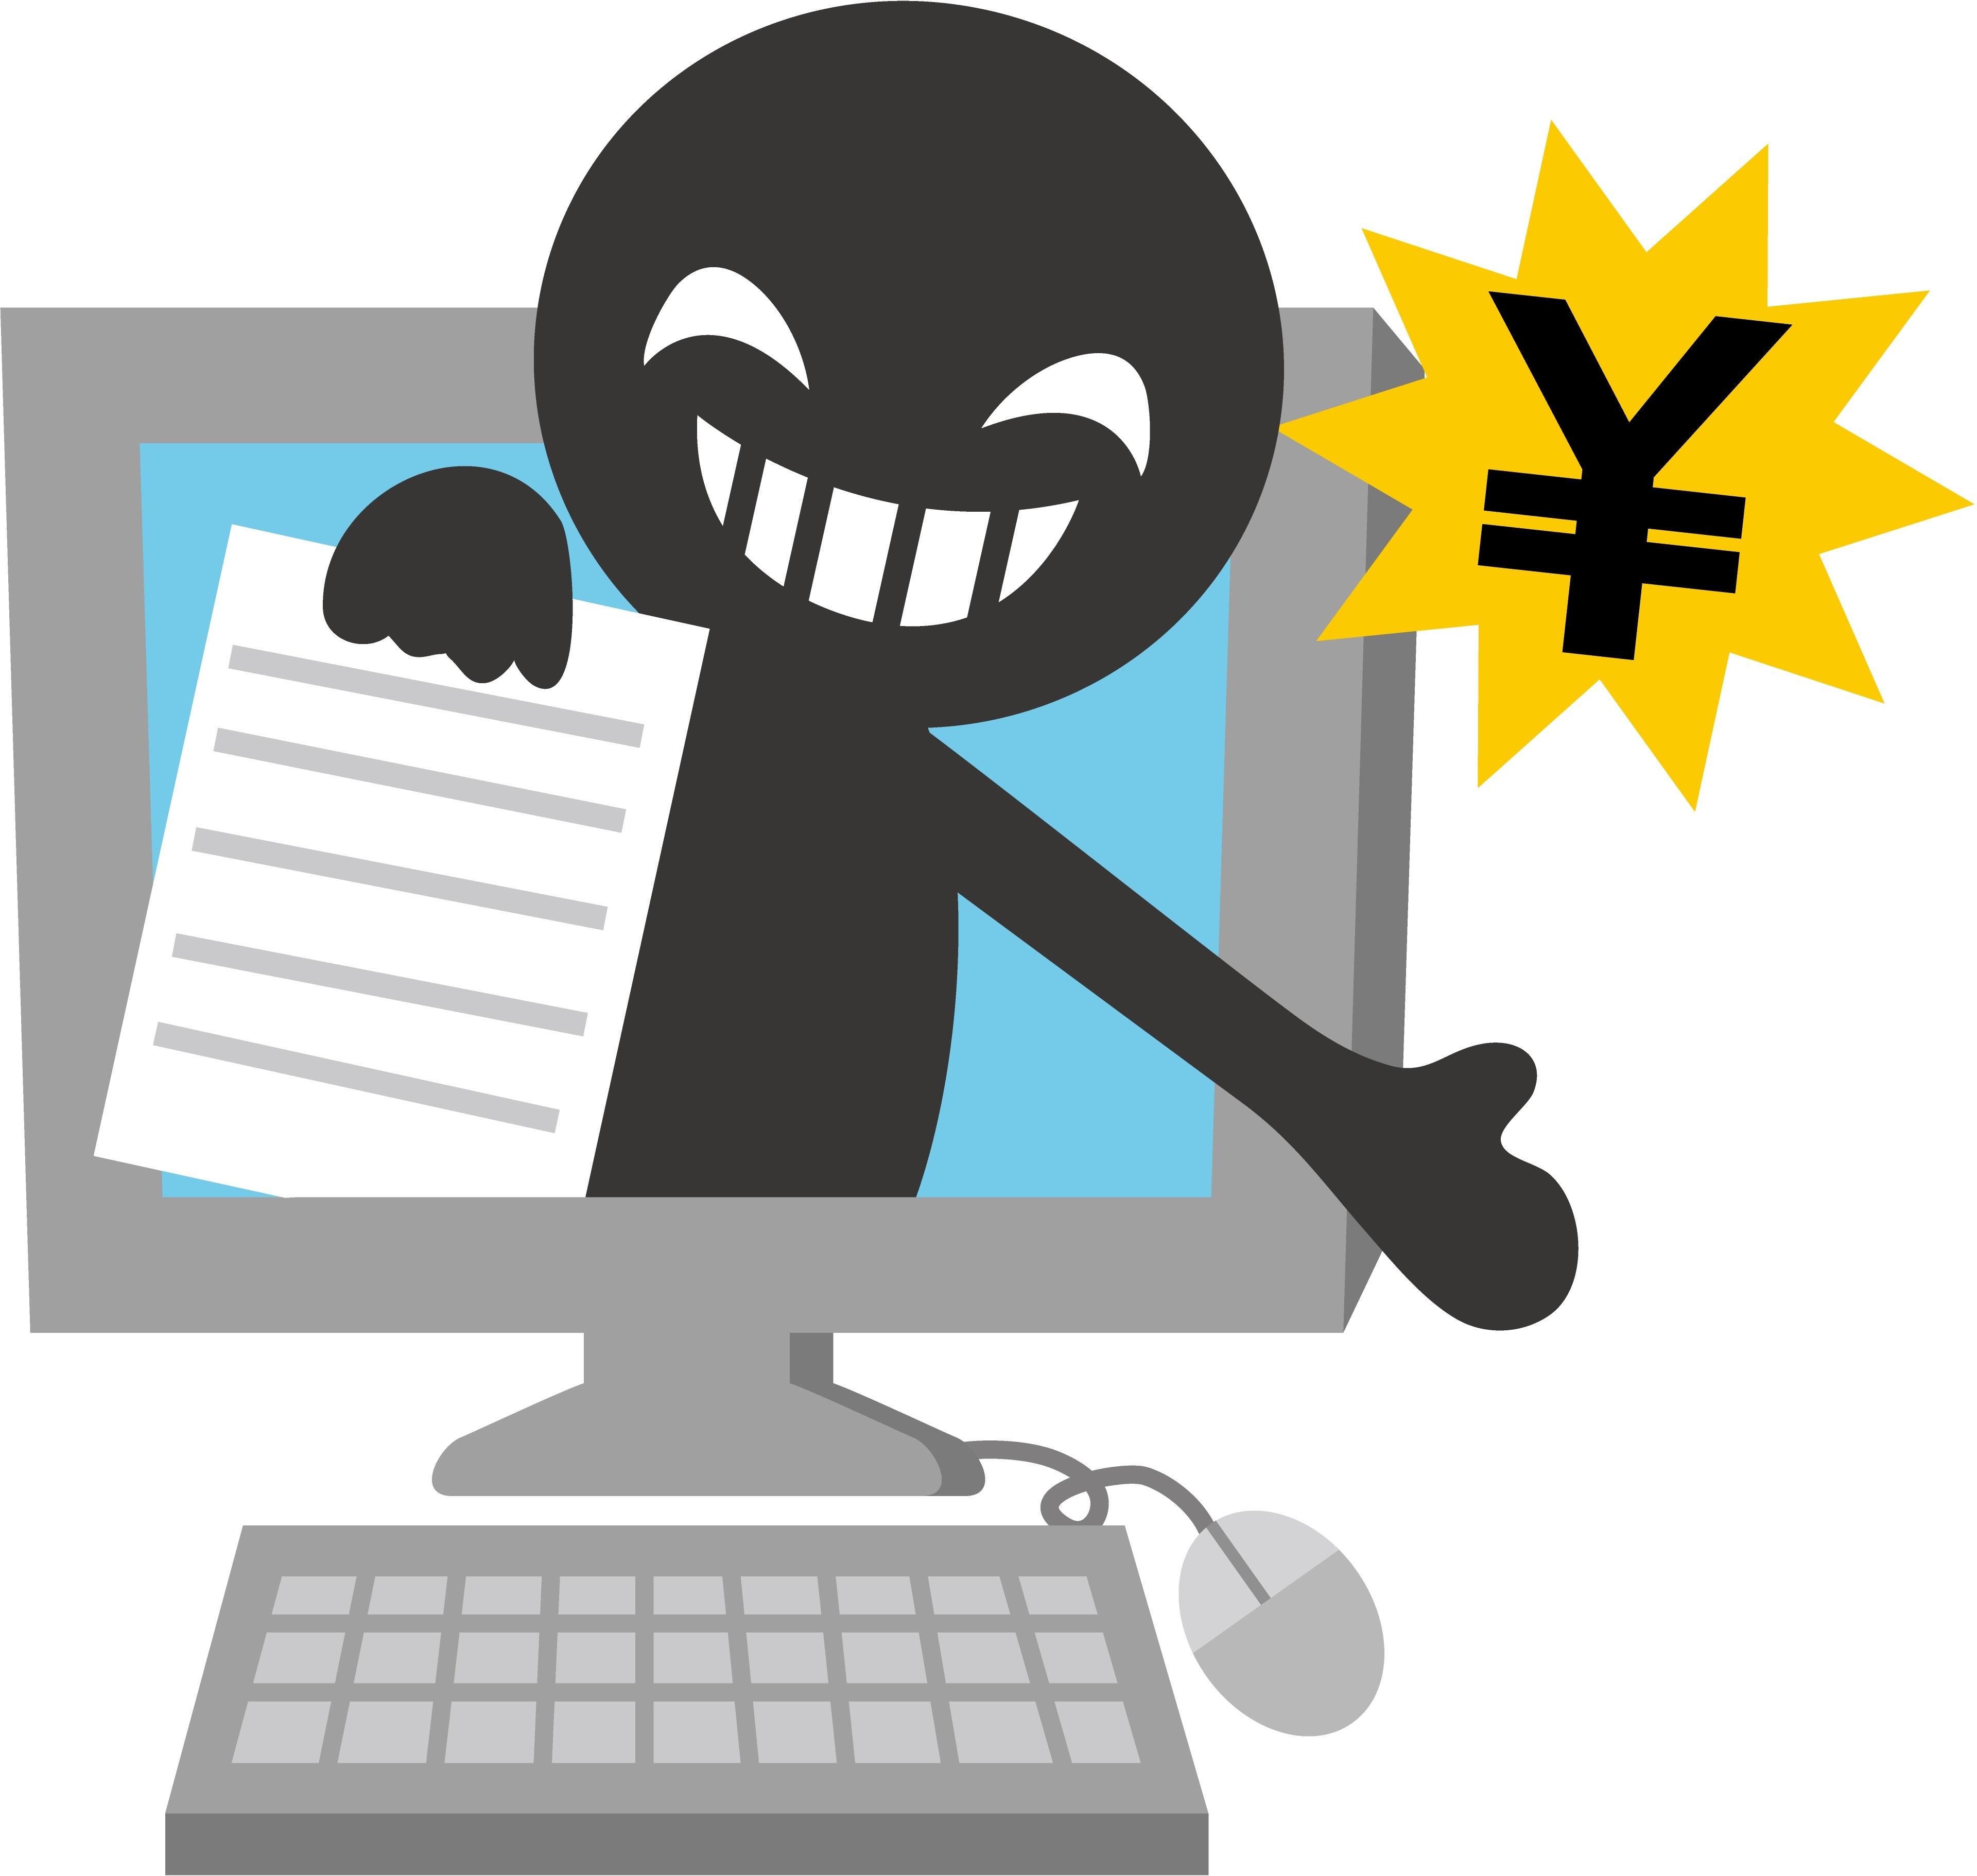 詐欺 恫喝 注意!!  まずはネットで調べる